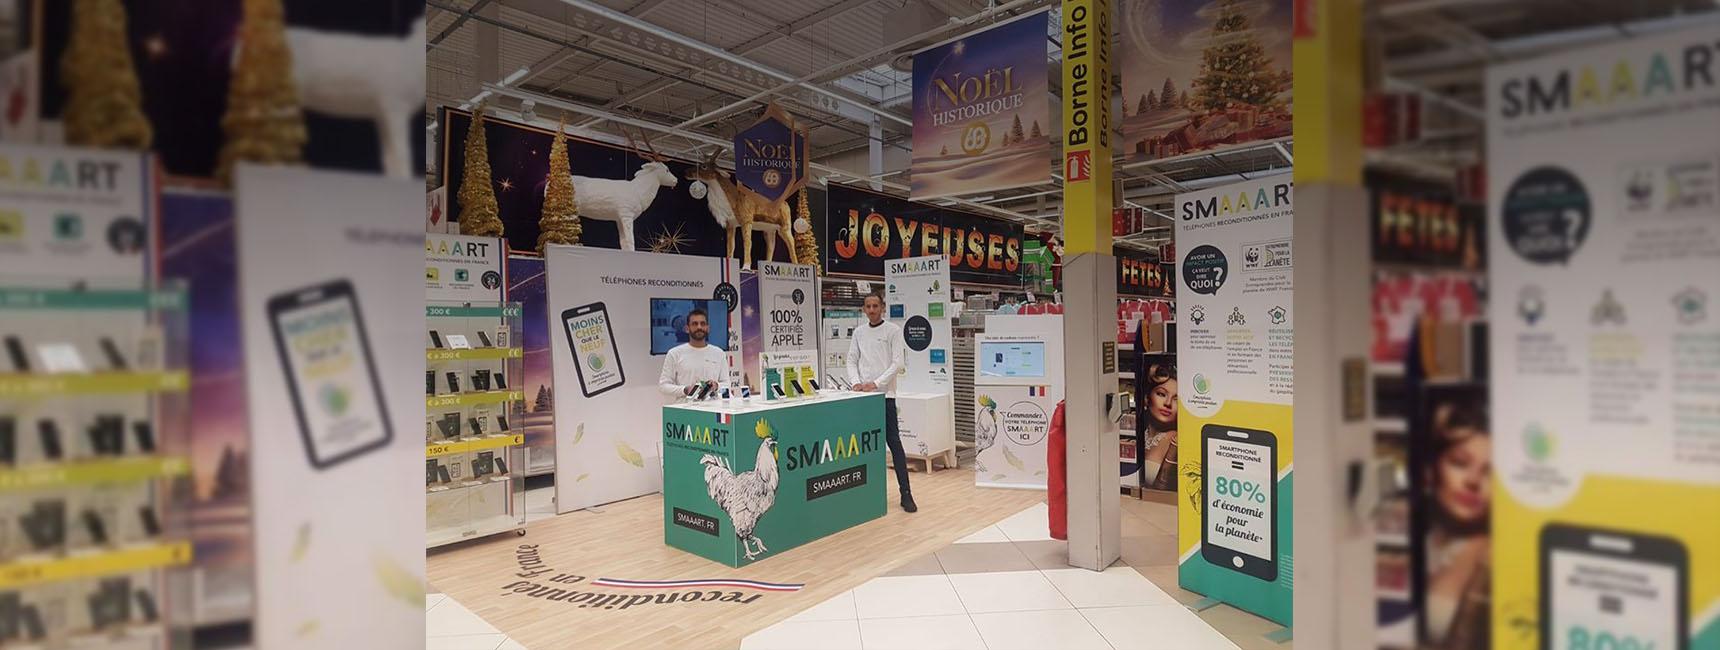 XPOP Pop Up Store boutique éphémère - Keemia Event & Expériences, agence événementielle et roadshows